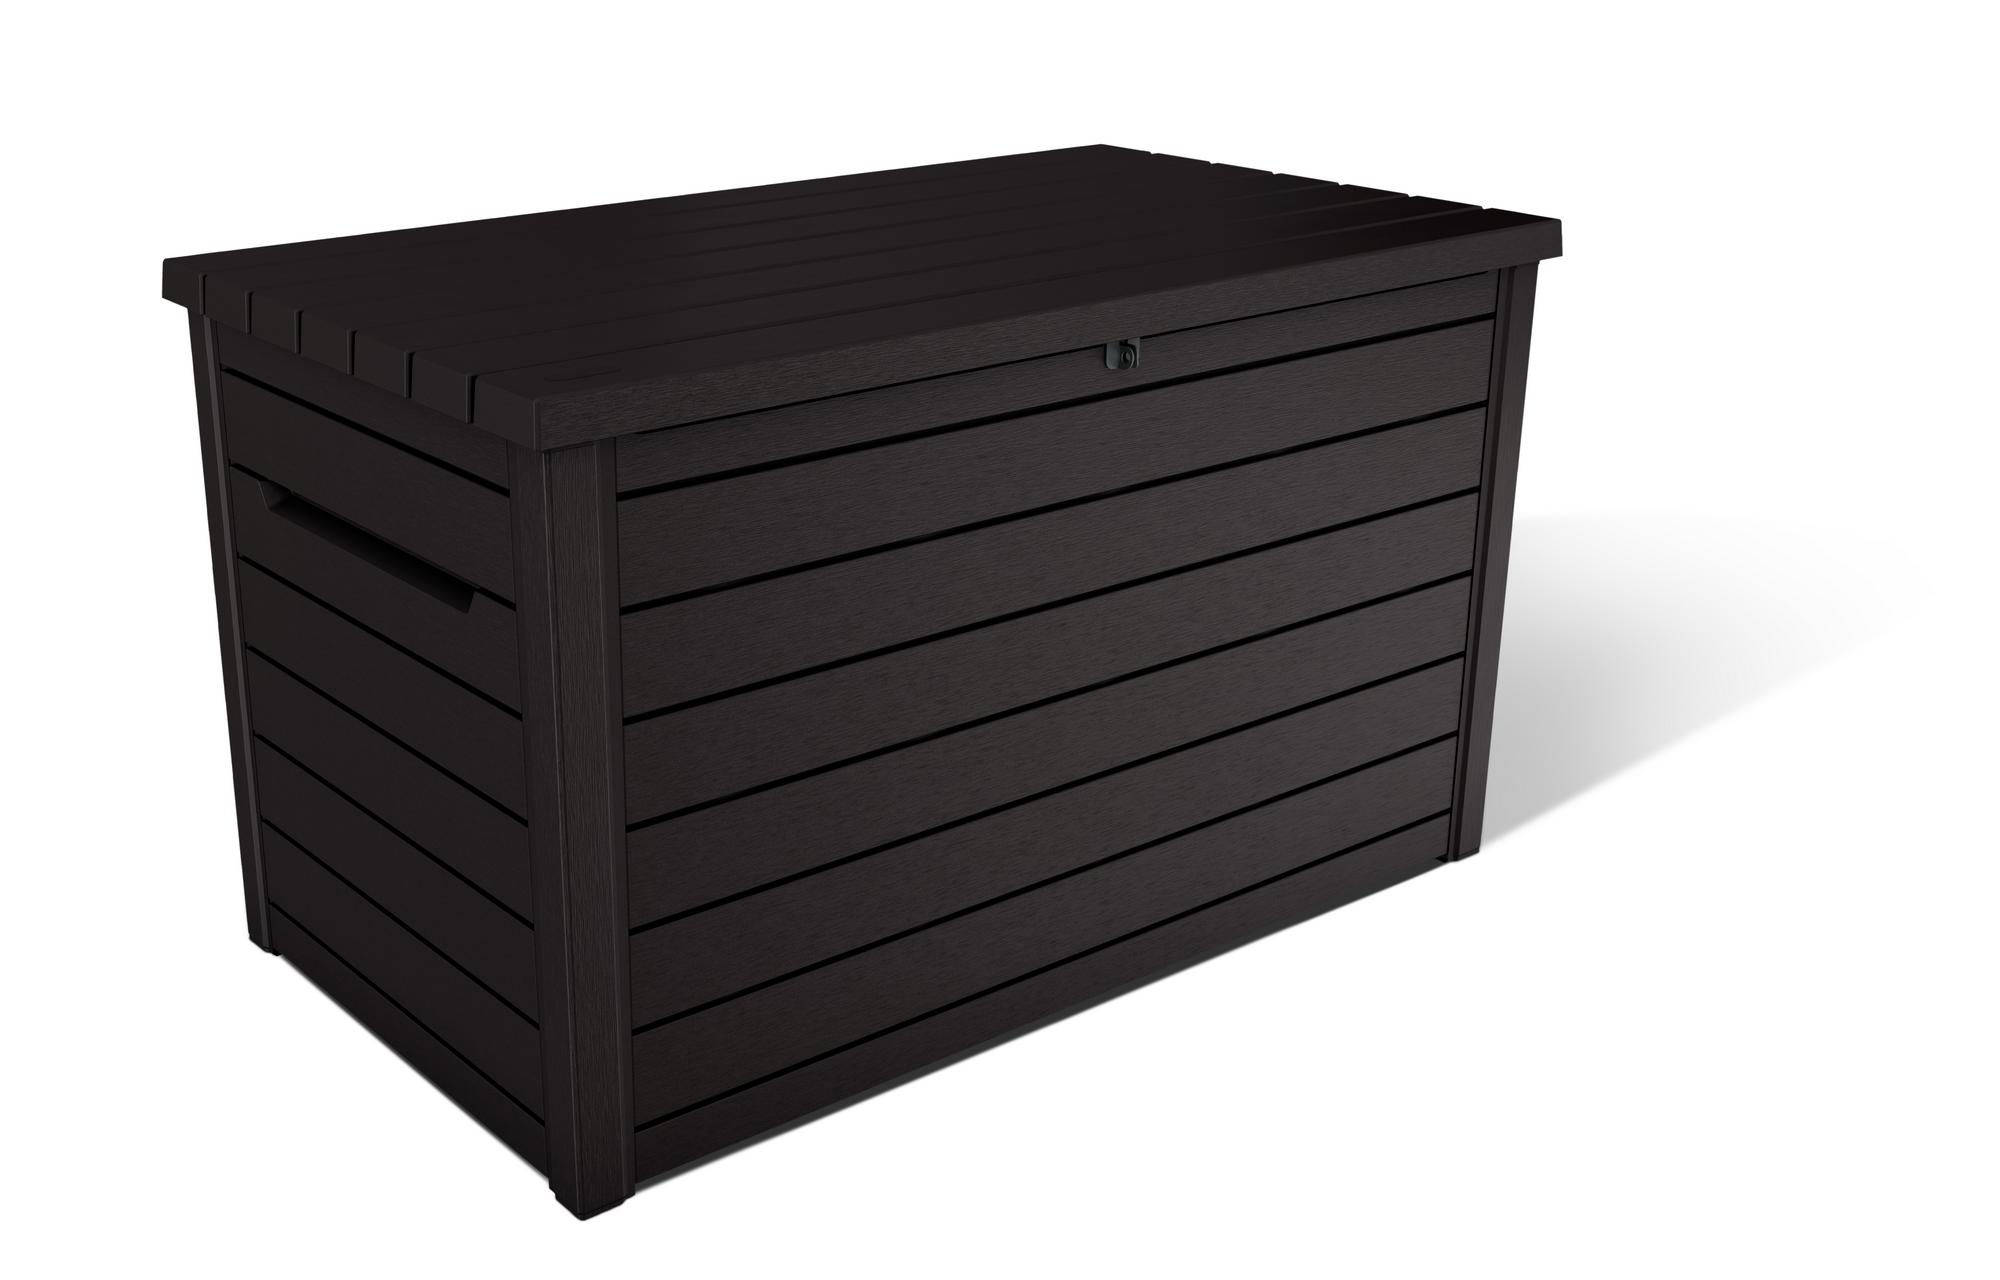 Garten universalboxen ǀ toom baumarkt